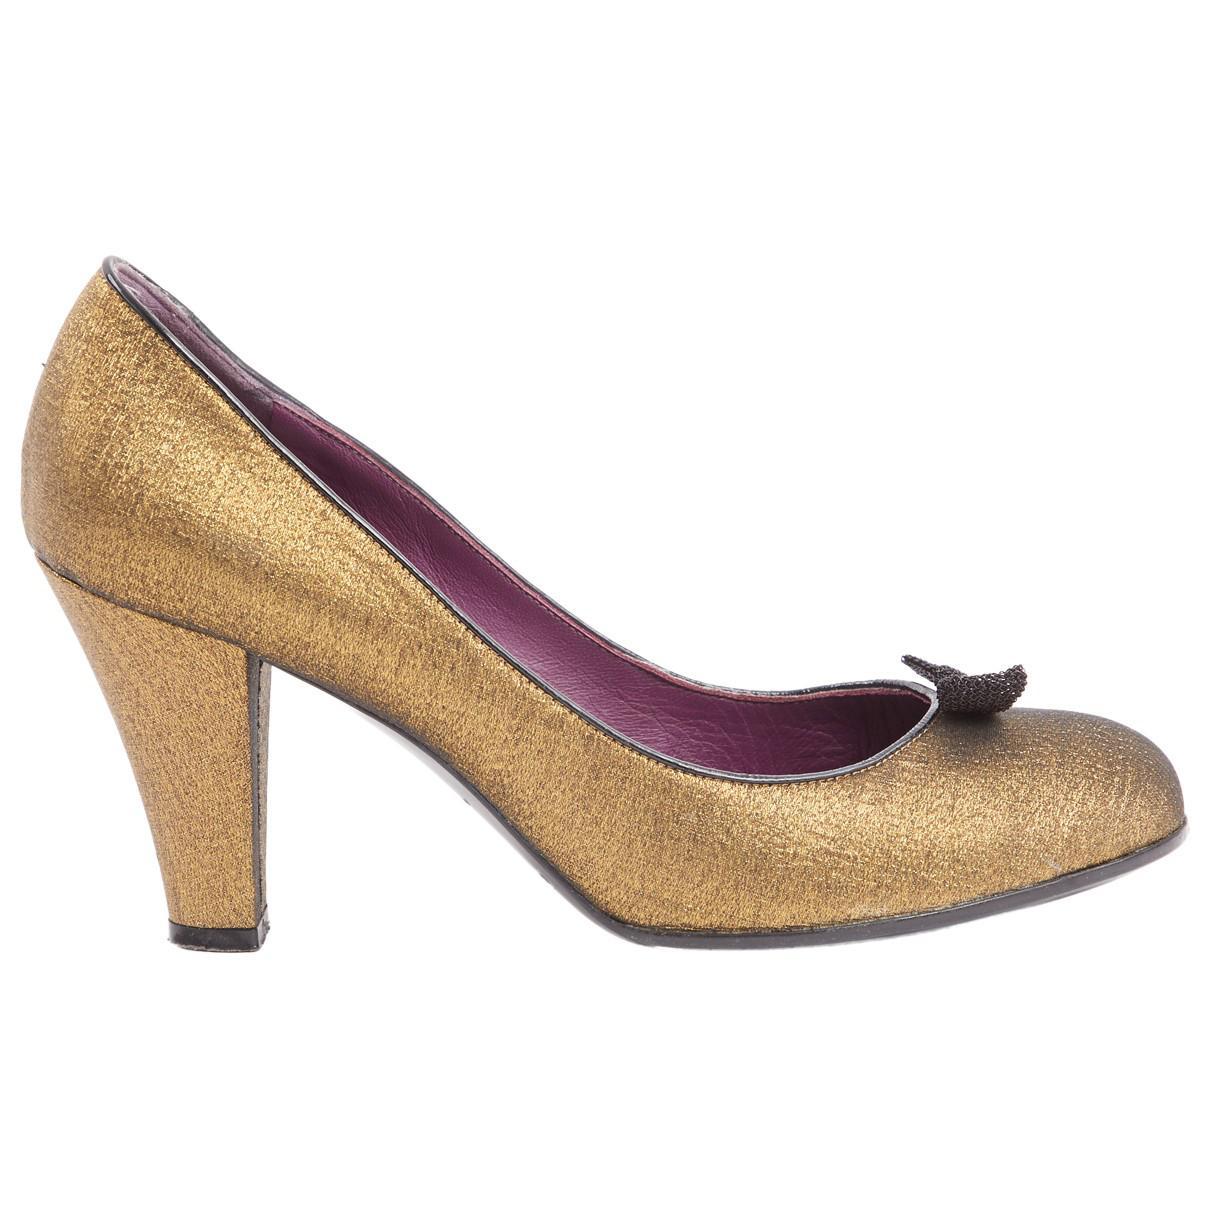 Pre-owned - Heels Marc Jacobs ryU5Y1